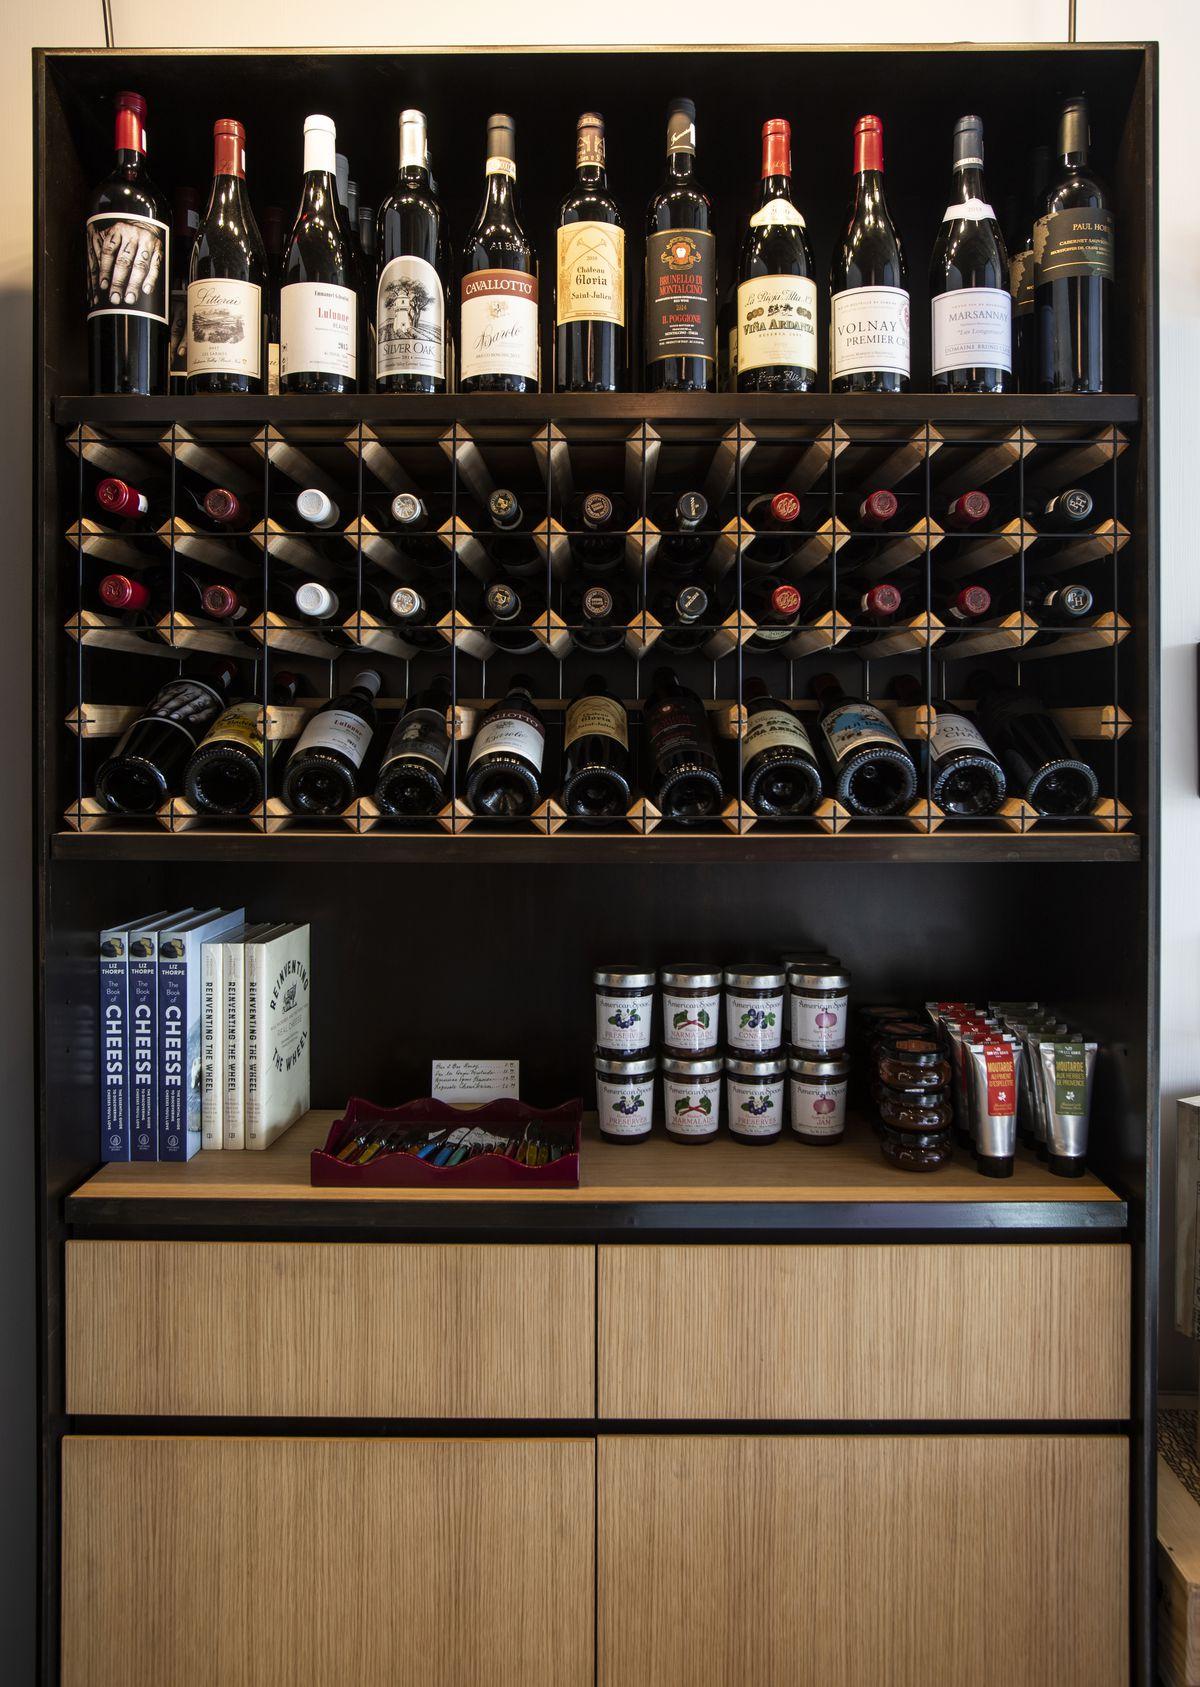 Các chai rượu nằm ngang trong giá rượu trên mặt phản gỗ.